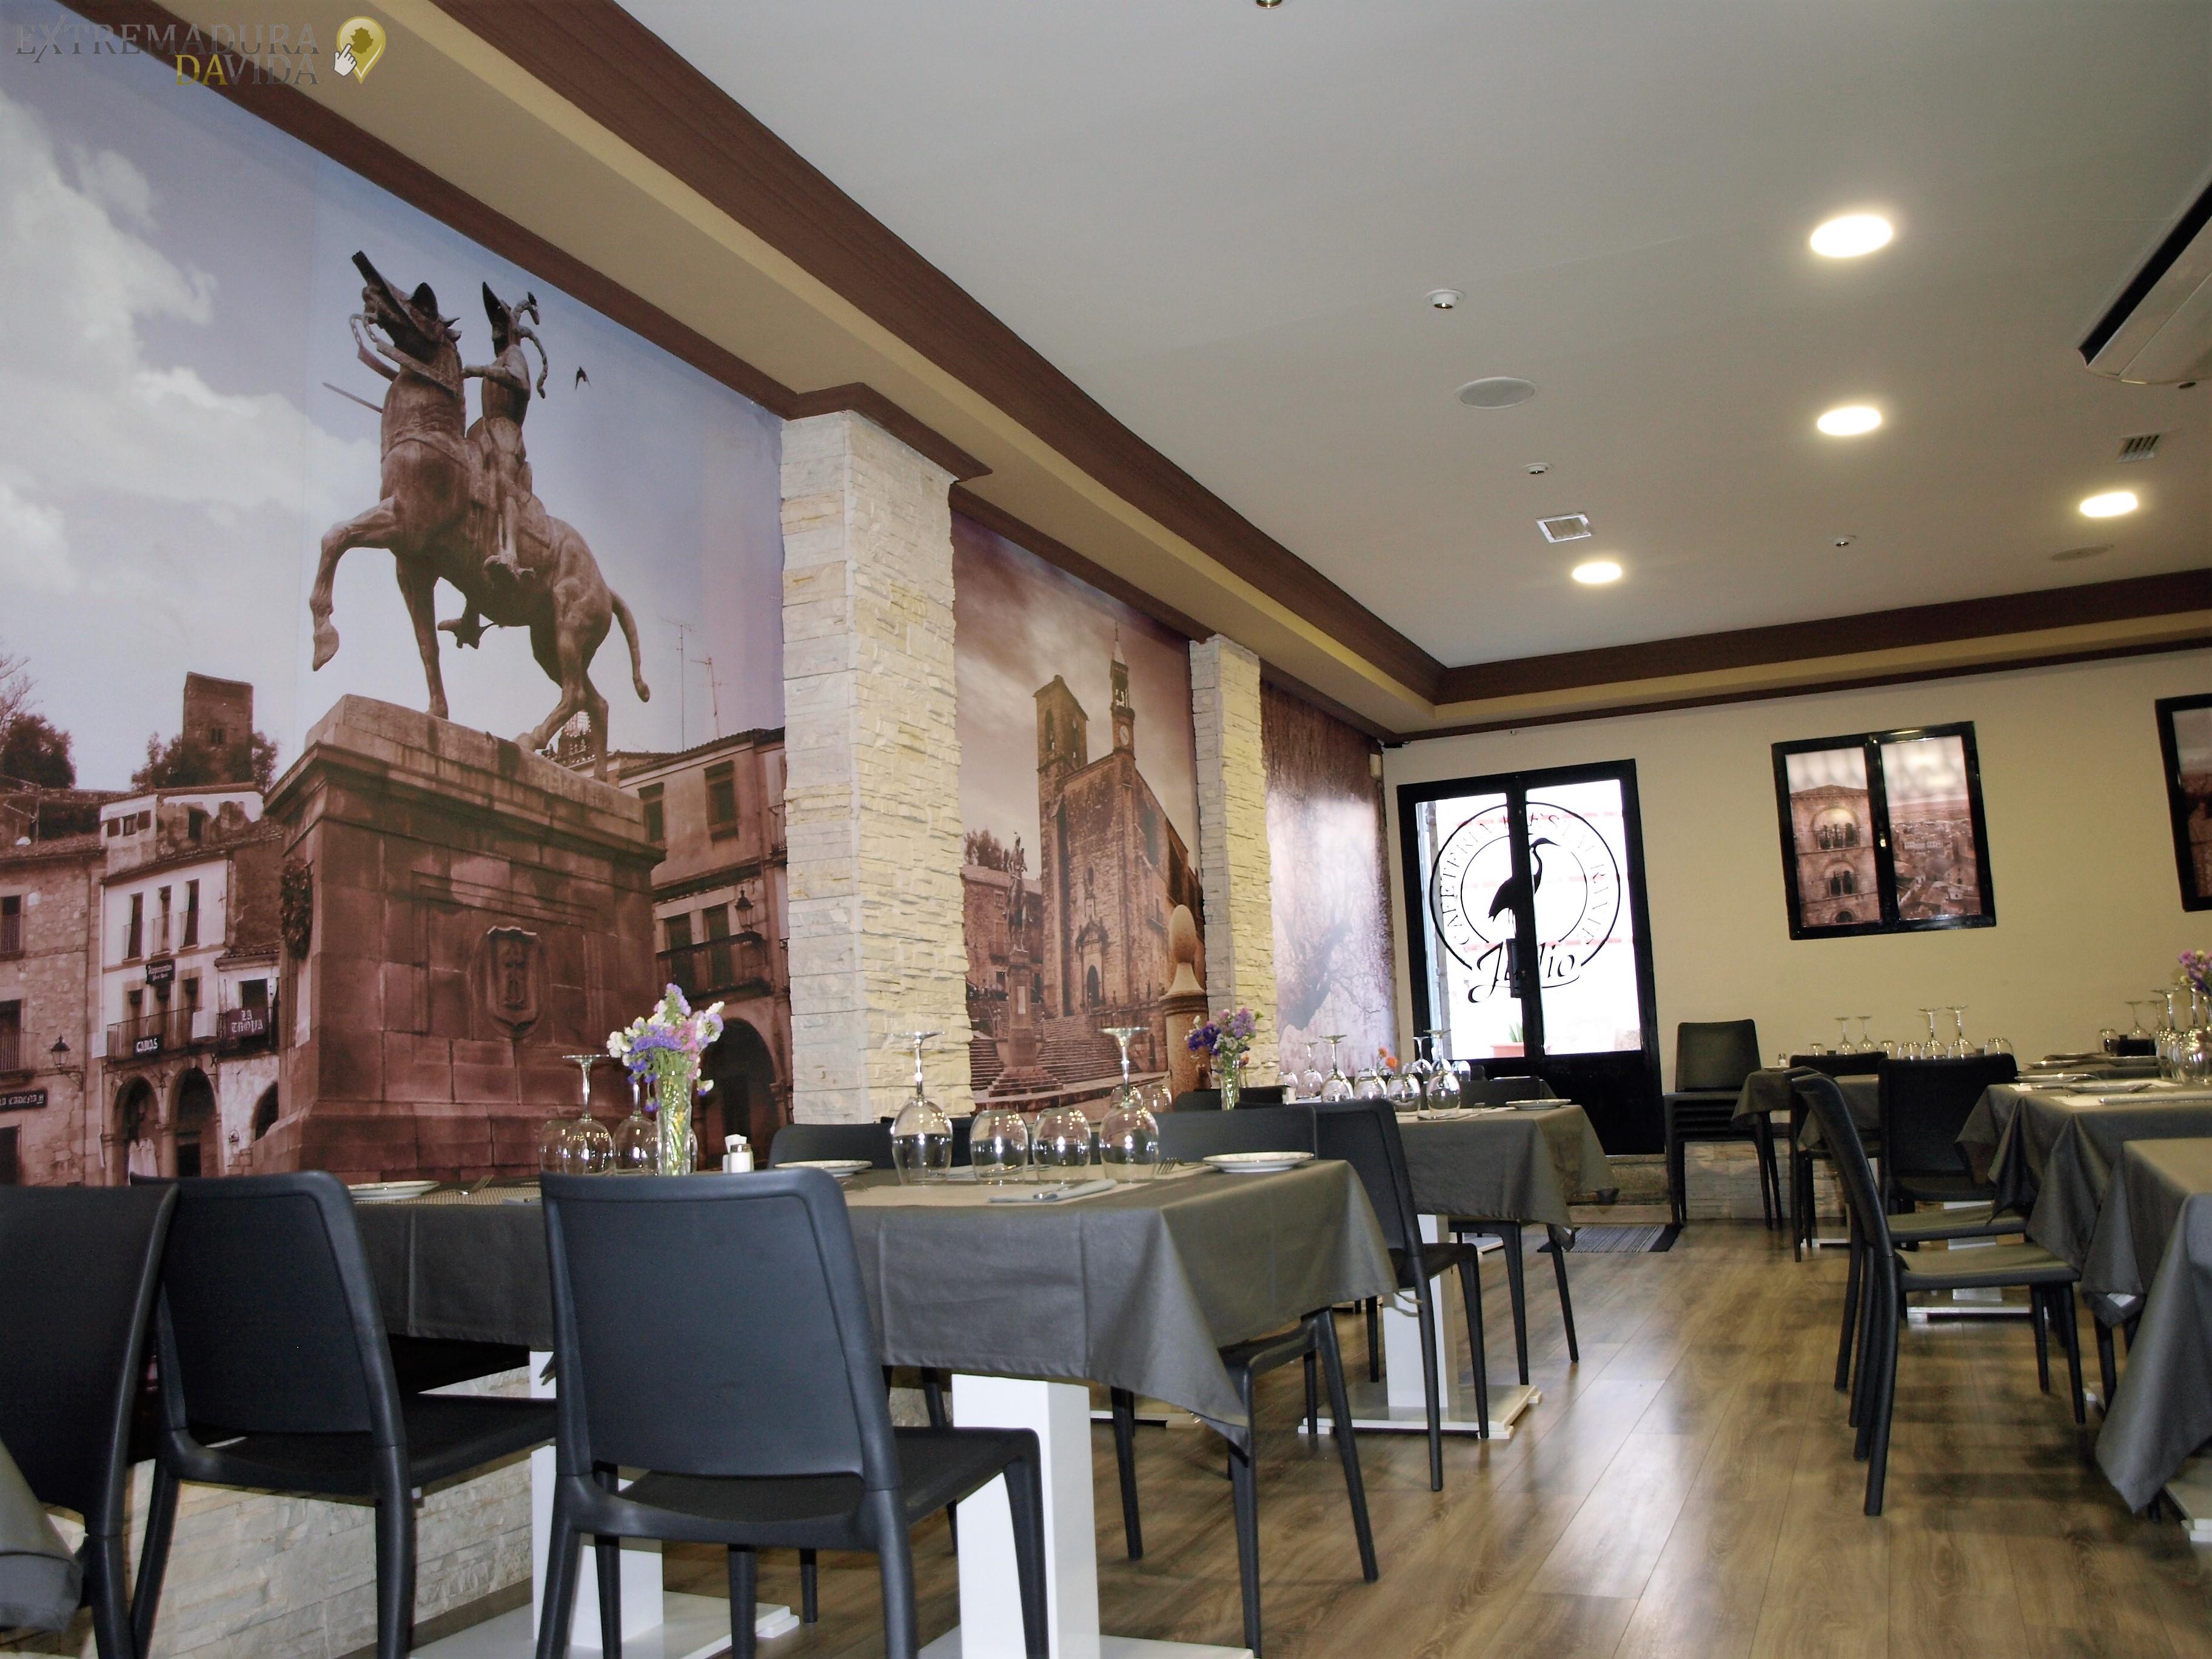 HOTEL-ECONOMICO-TRUJILLO-RESTAURANTE-JULIO